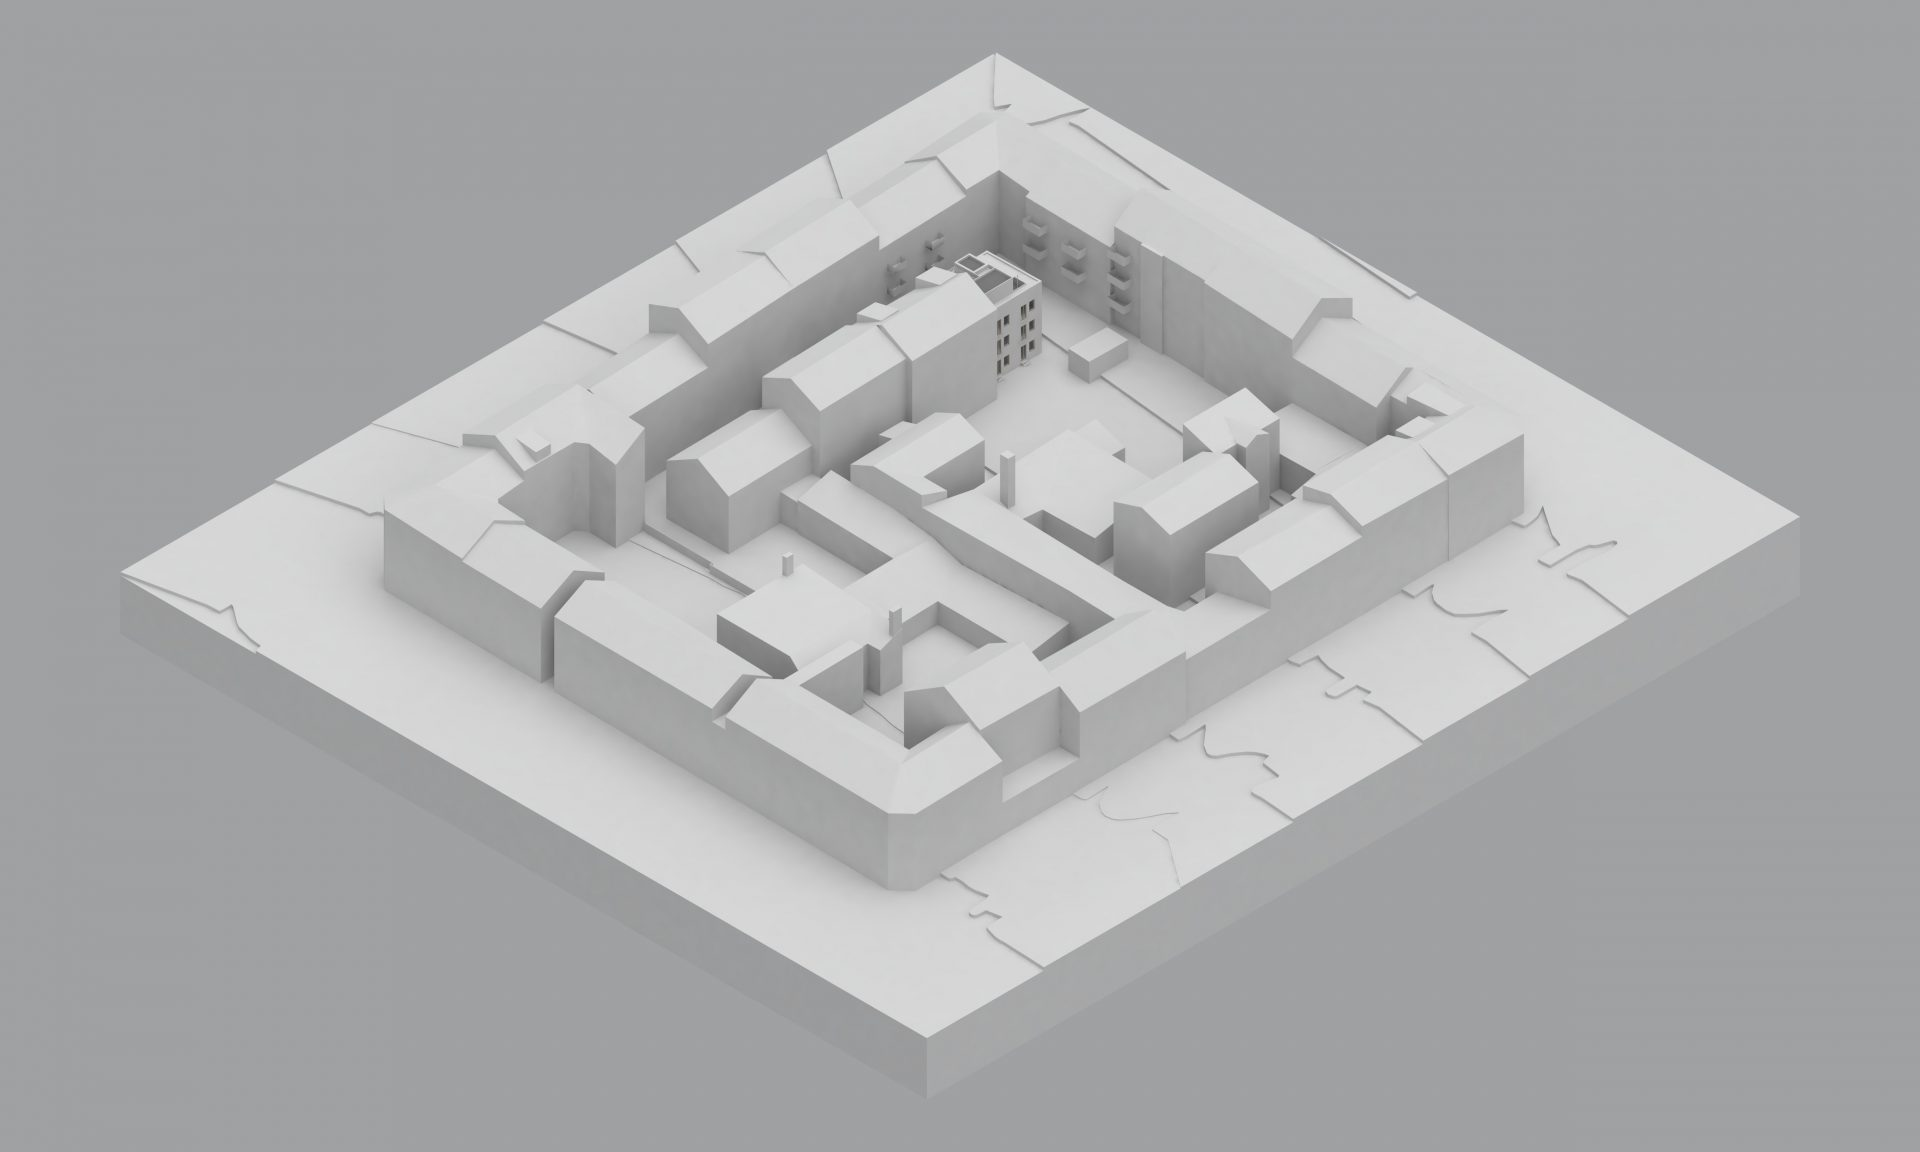 oversikt infill prosjekt Grünerløkka